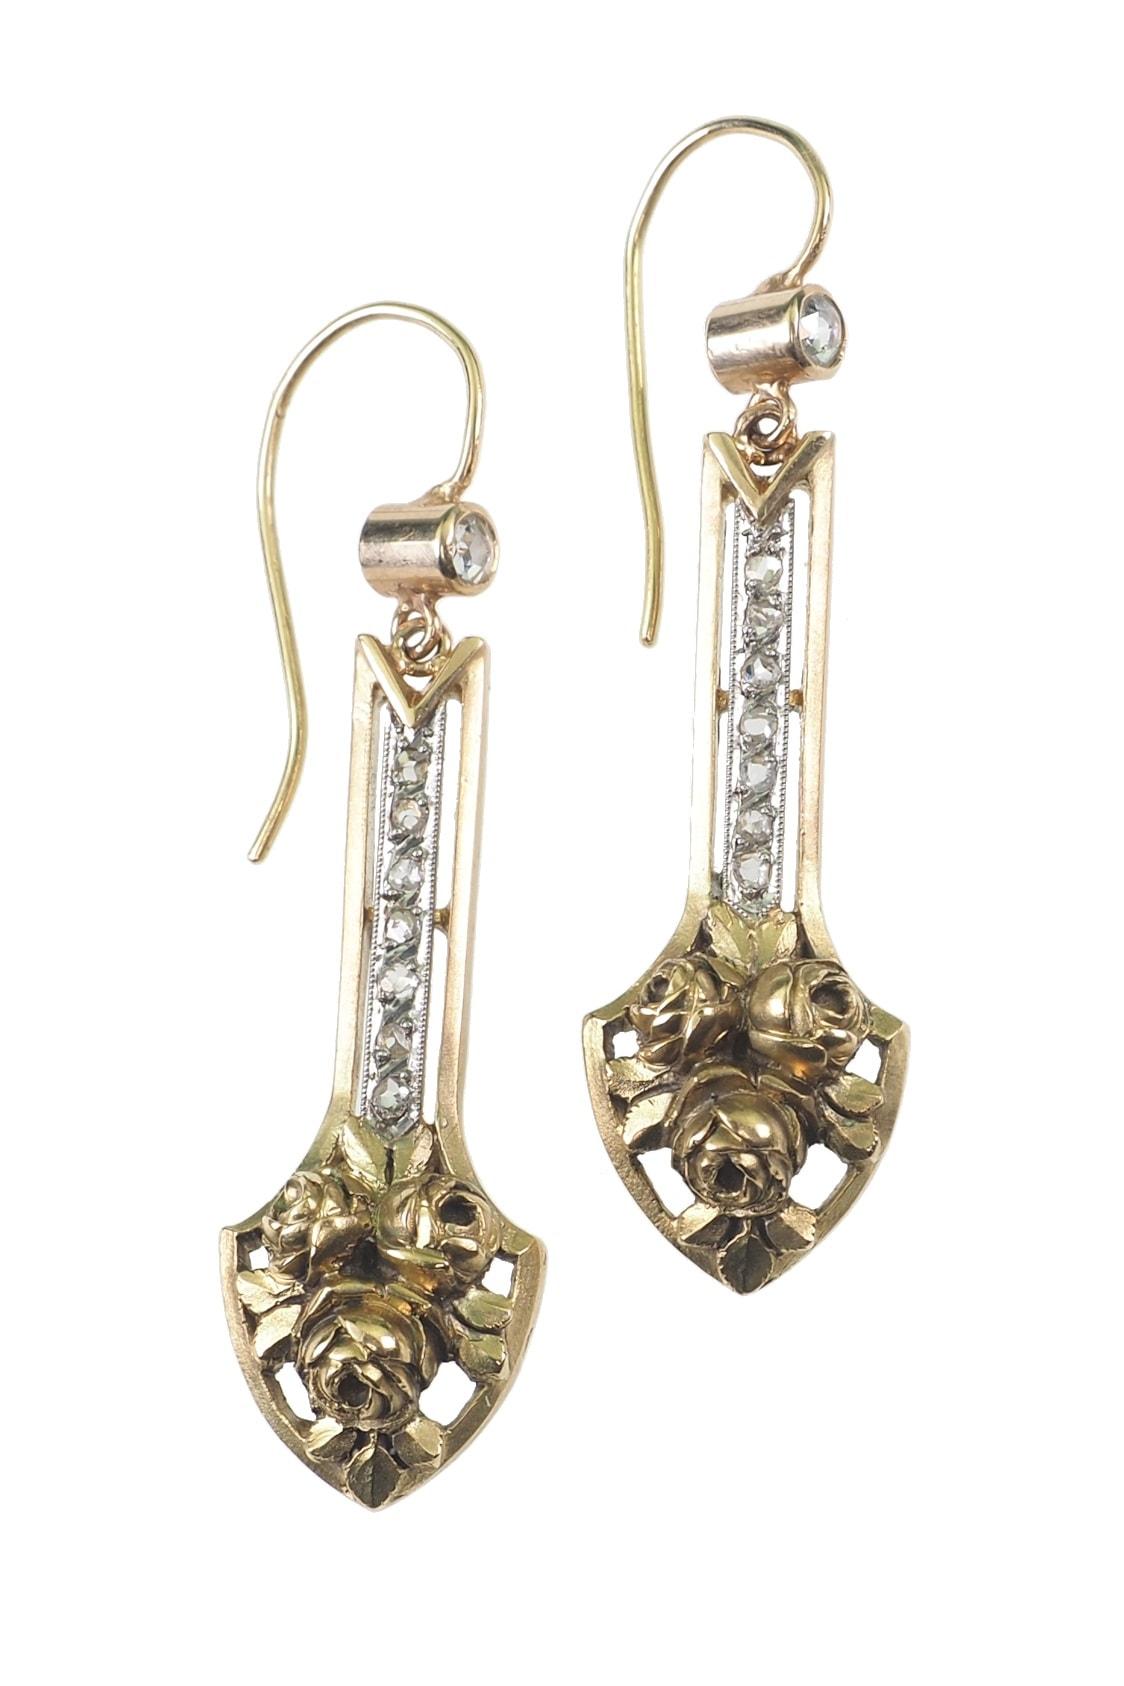 einmalige-Ohrringe-kaufen-0105a